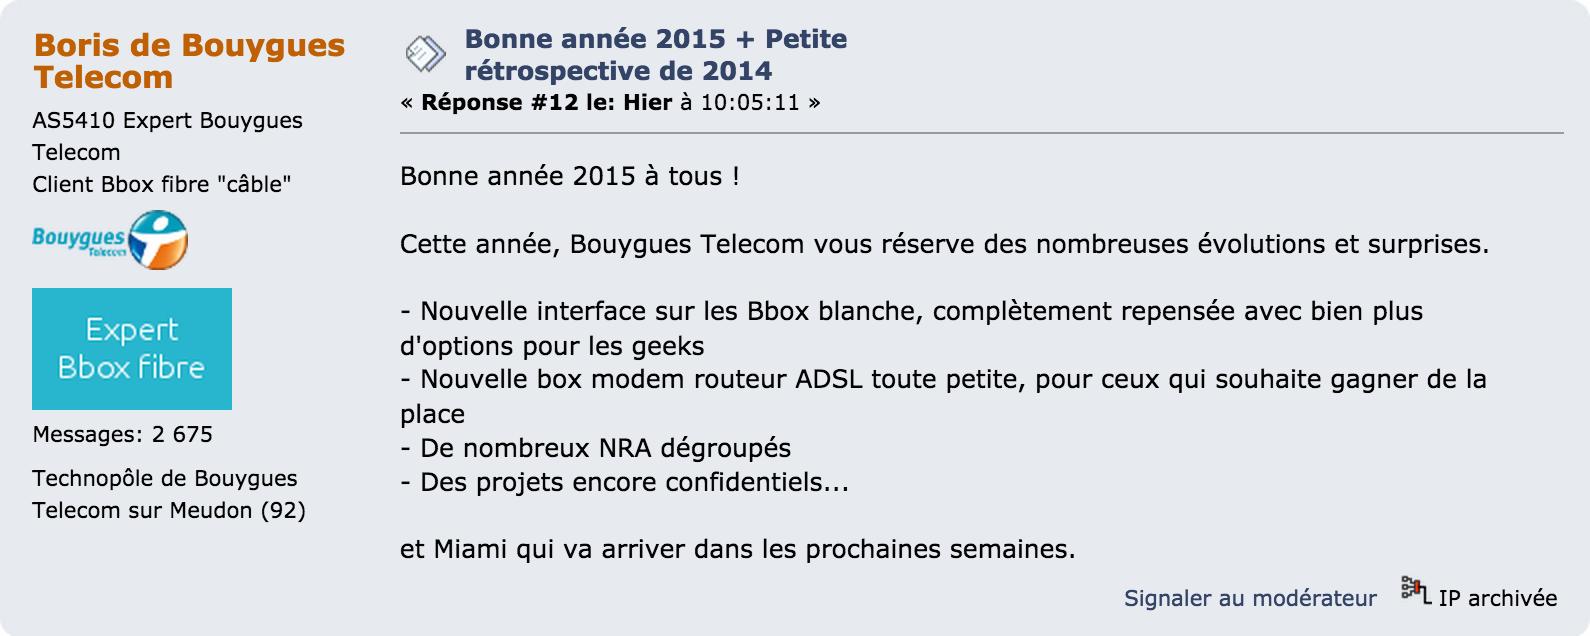 Nouvelle box Bouygues Telecom